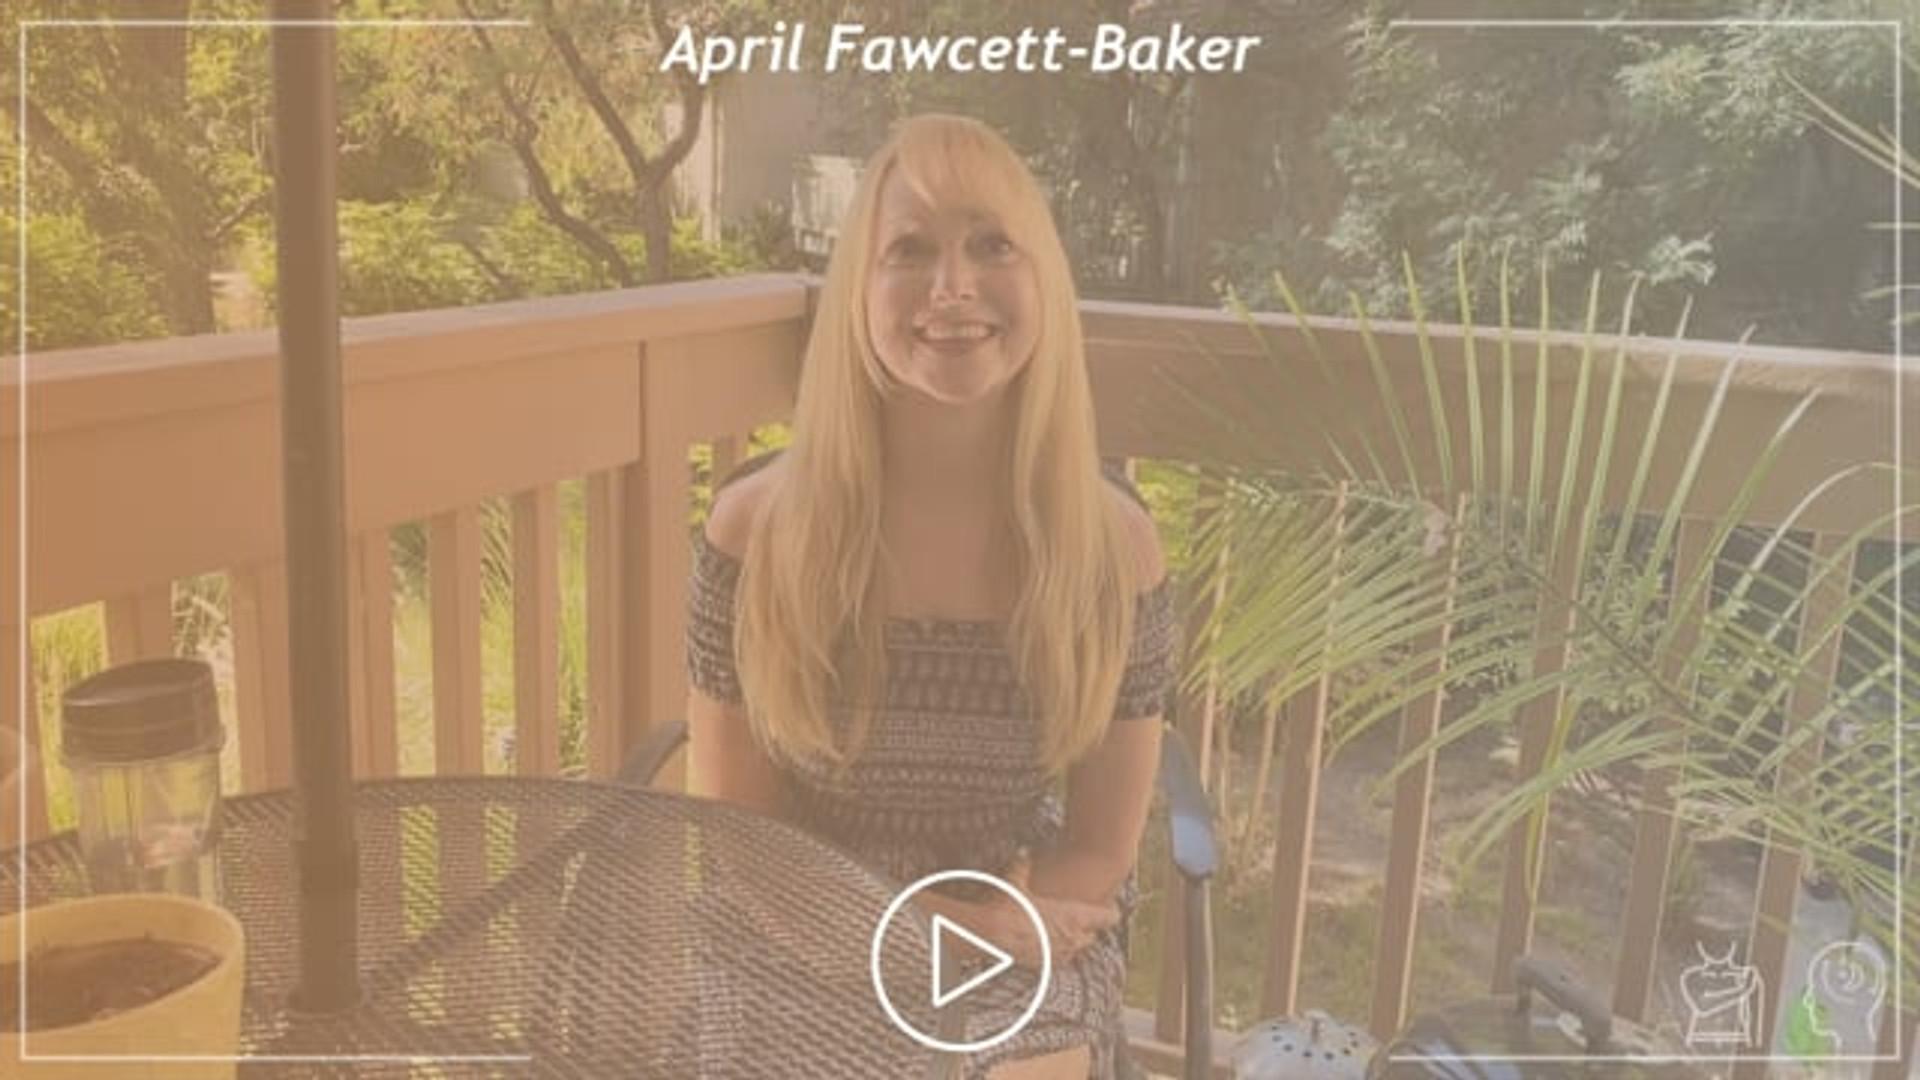 April Fawcett-Baker